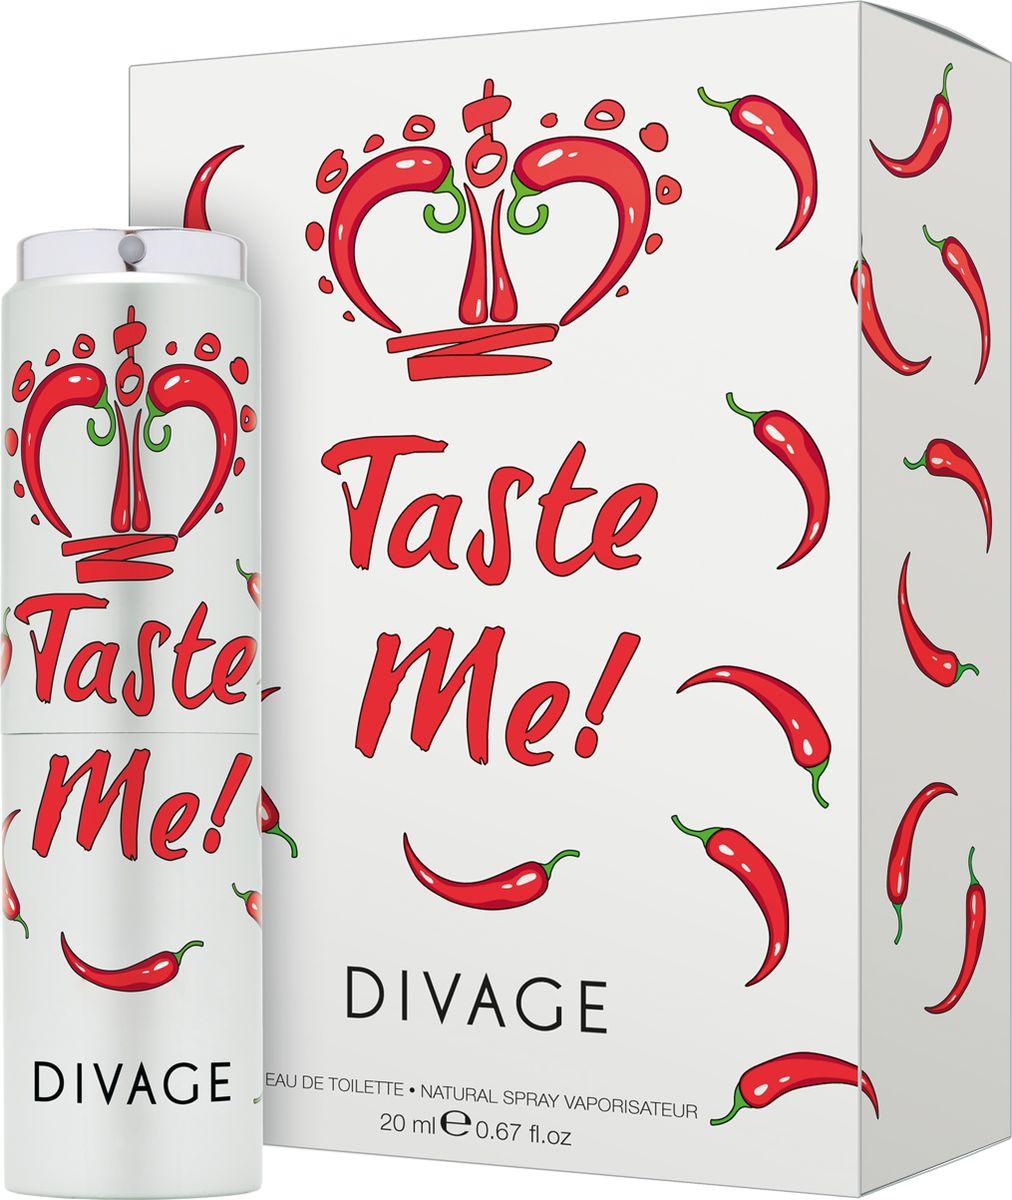 Divage Туалетная Вода Taste me 20 млDVEDT009Пленительный, цветочно-перечный аромат, который тревожит сердца и заставляет их биться чаще! Неповторимое сочетание яблока, малины и бергамота, дополненное перечными нотками, кардамоном, османтусом, жасмином, гарденией и фиалкой, создает невероятный аромат страсти и чувственного наслаждения. Украшением композиции являются нотки кедра, сандала, пачули, мускуса и пралине. Таинственный и роскошный, соблазнительный и чарующий – это все о новом аромате Taste Me. Попробуй и убедись сама!Краткий гид по парфюмерии: виды, ноты, ароматы, советы по выбору. Статья OZON Гид